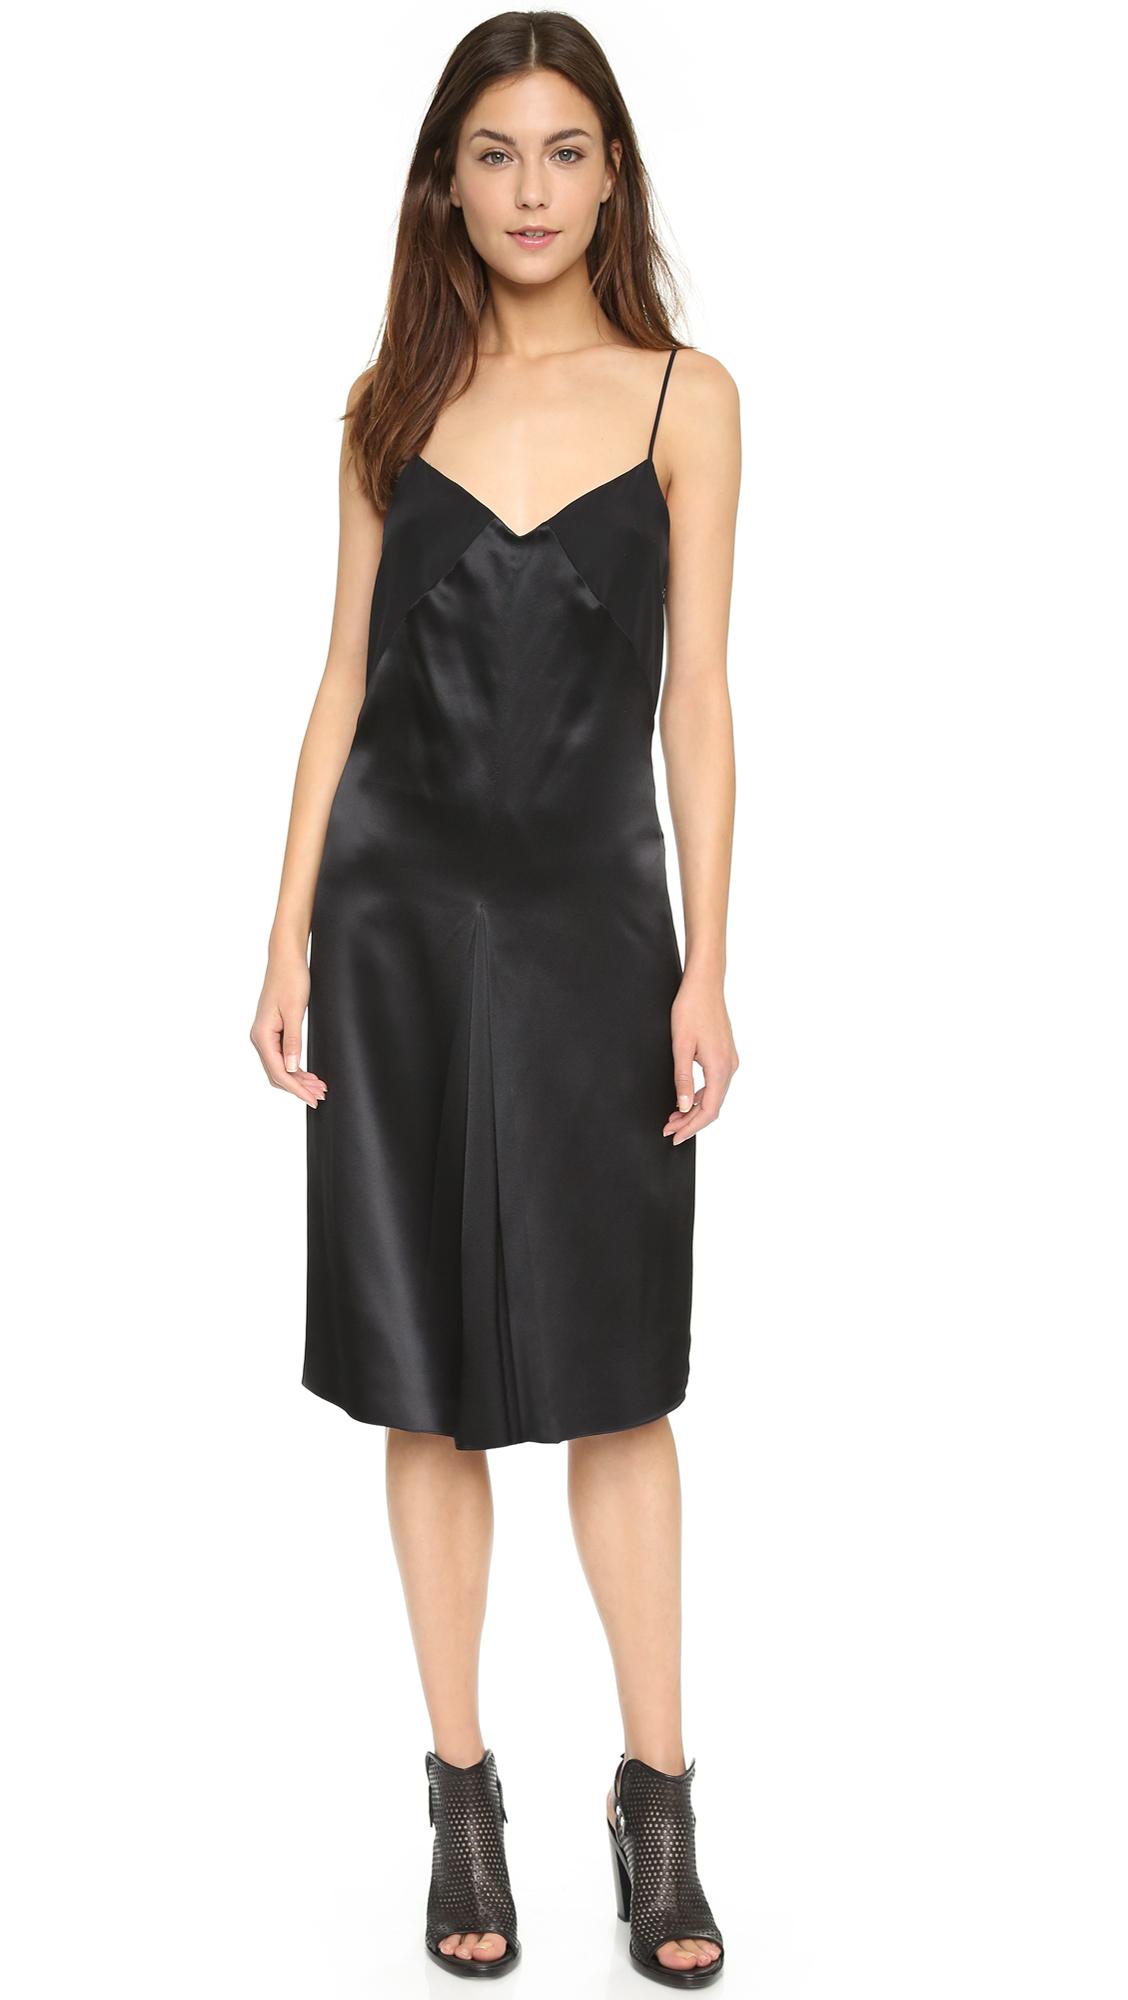 e5786ef3b31a0 Rag & Bone Evelyn Dress | SHOPBOP